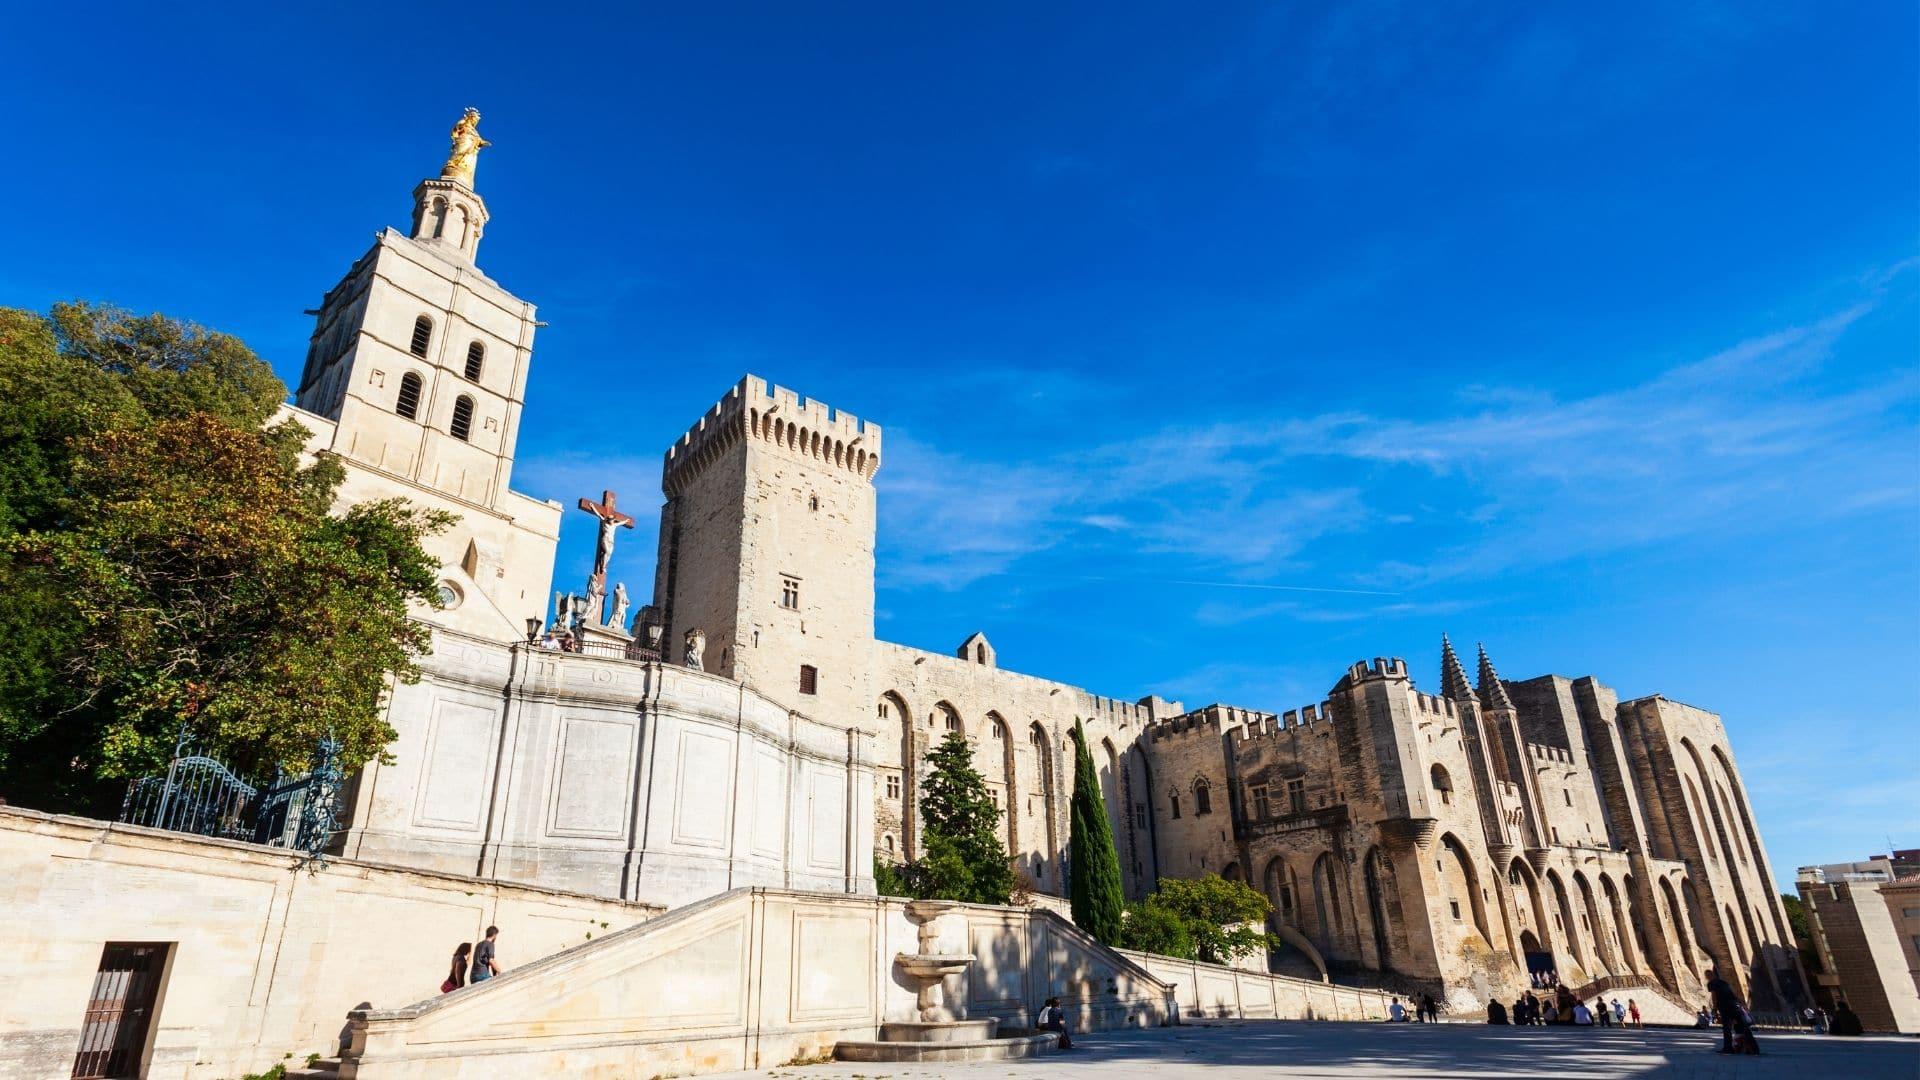 Visiter en famille le Palais des Papes d'Avignon